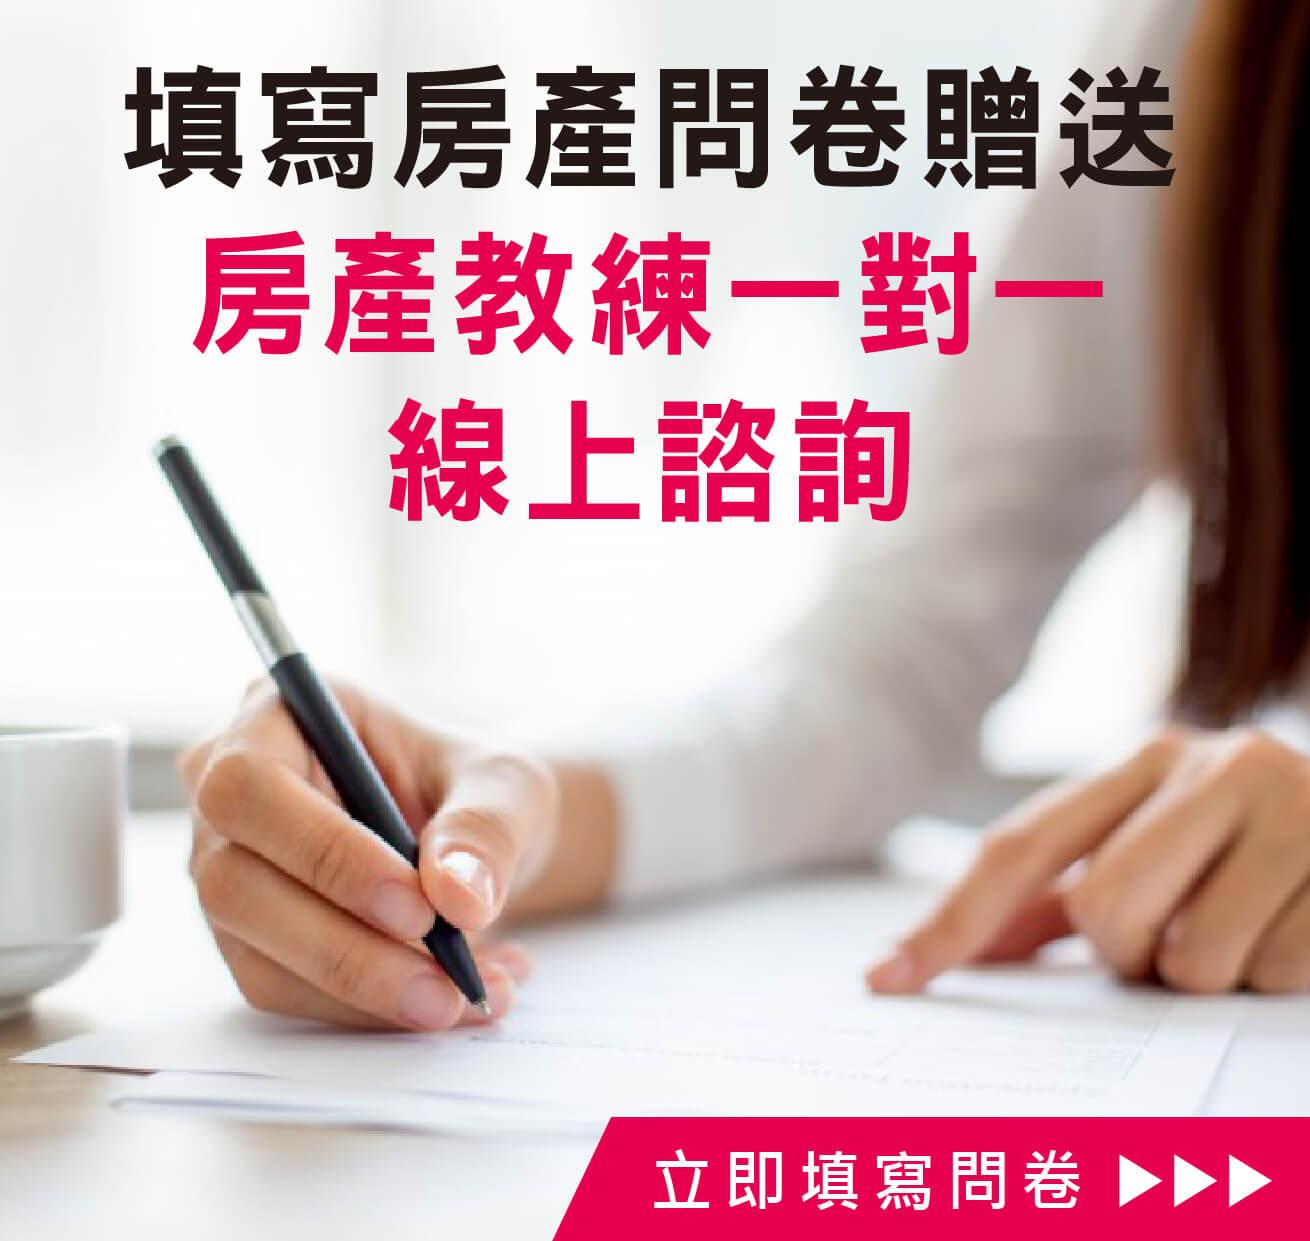 學好理財三步驟,先從成為一個願意實作的人開始-創造第一份穩定被動收入CH-5|財務諮詢